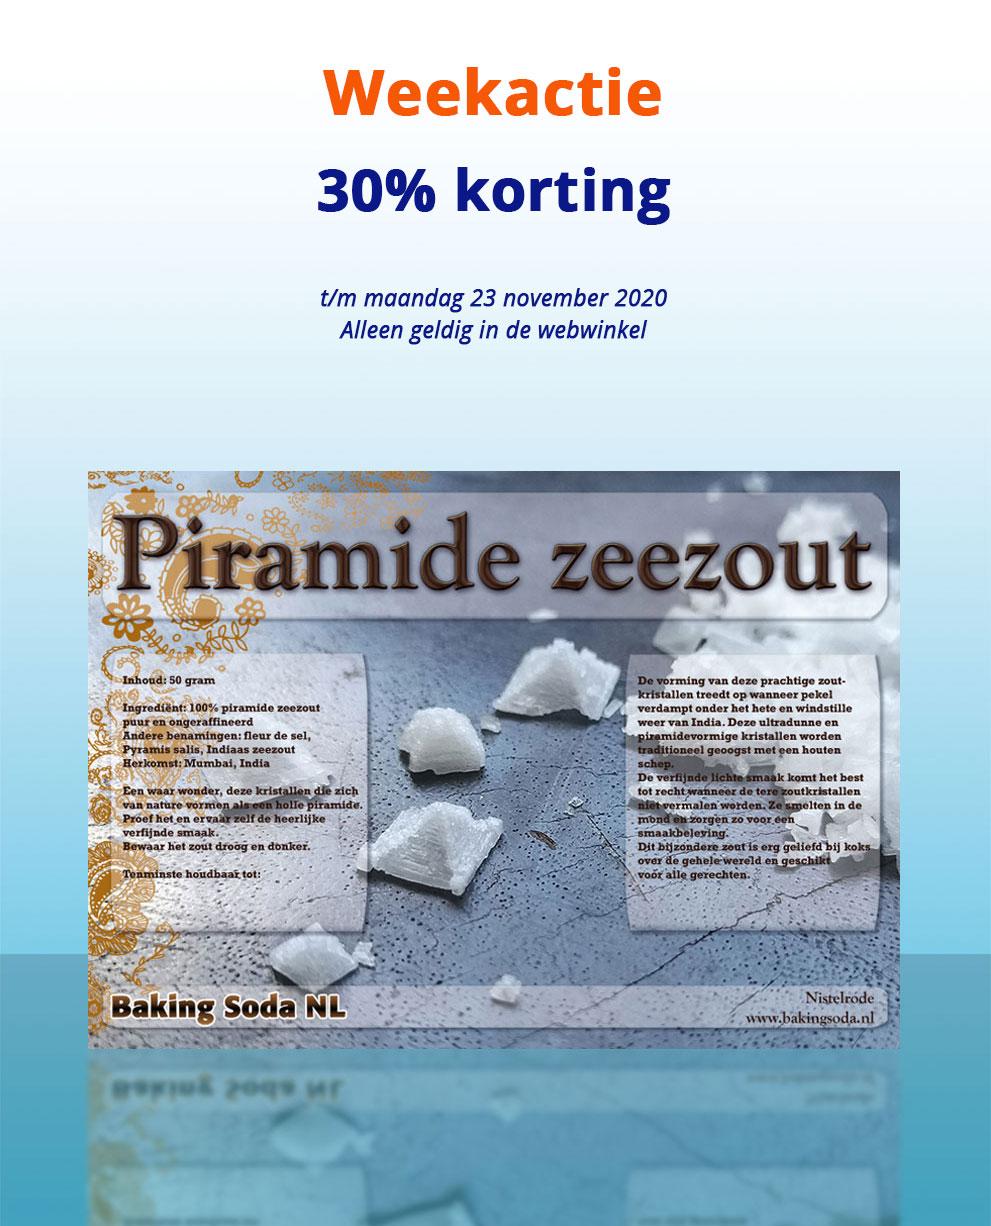 Weekactie-piramidezeezout-november2020-bakingsoda-nl